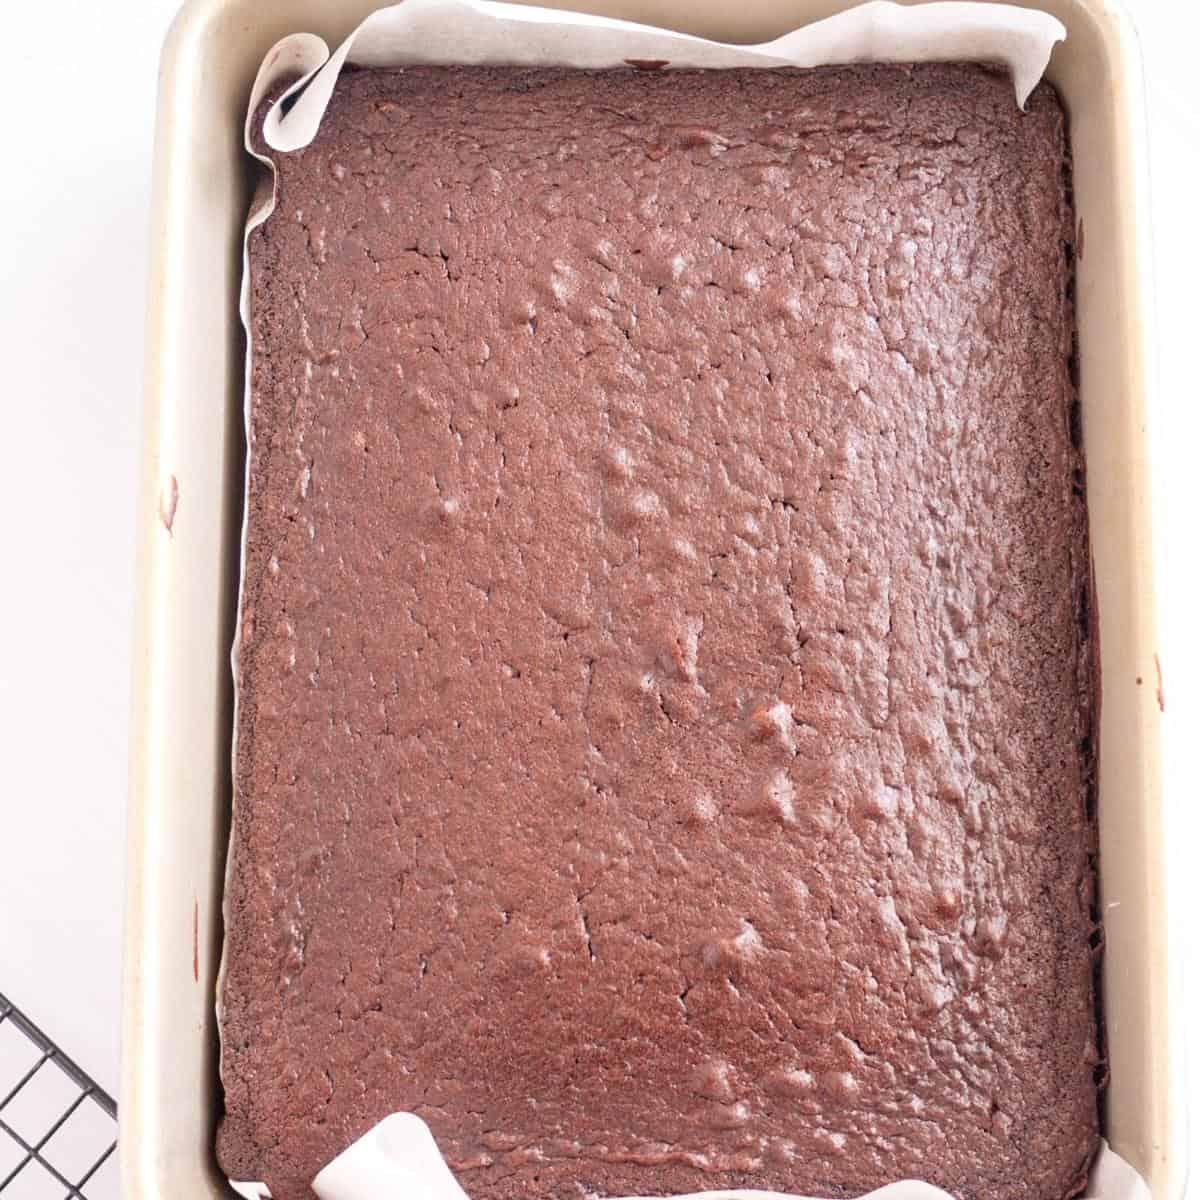 Sheet cake in a sheet pan.